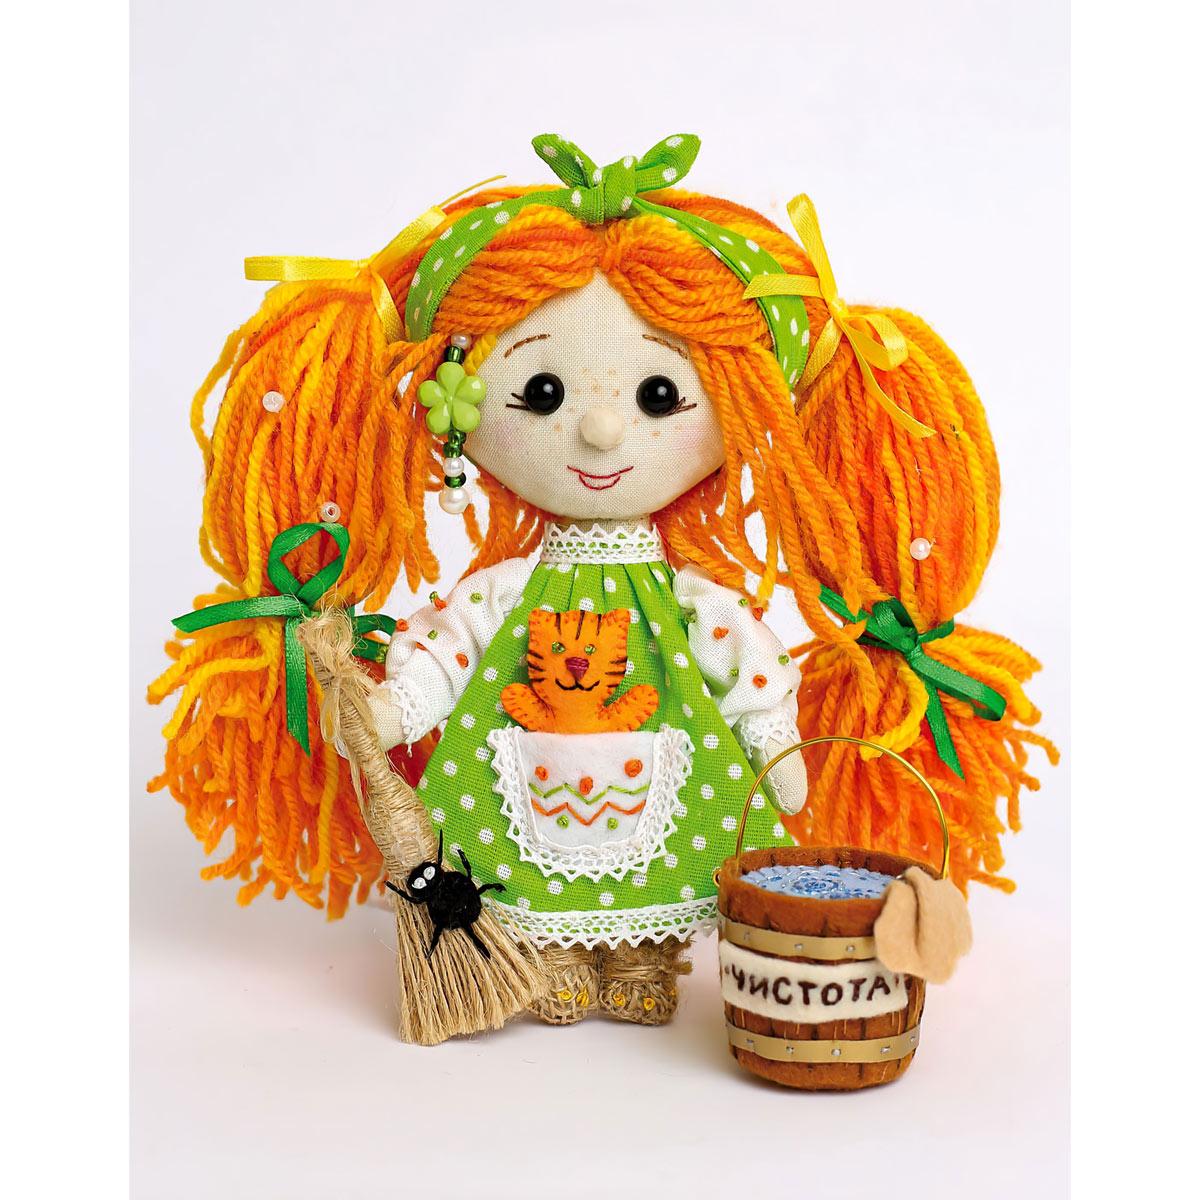 ПЛДК-1452 Набор для создания текстильной игрушки серия Домовёнок и компания 'Хозяюшка'